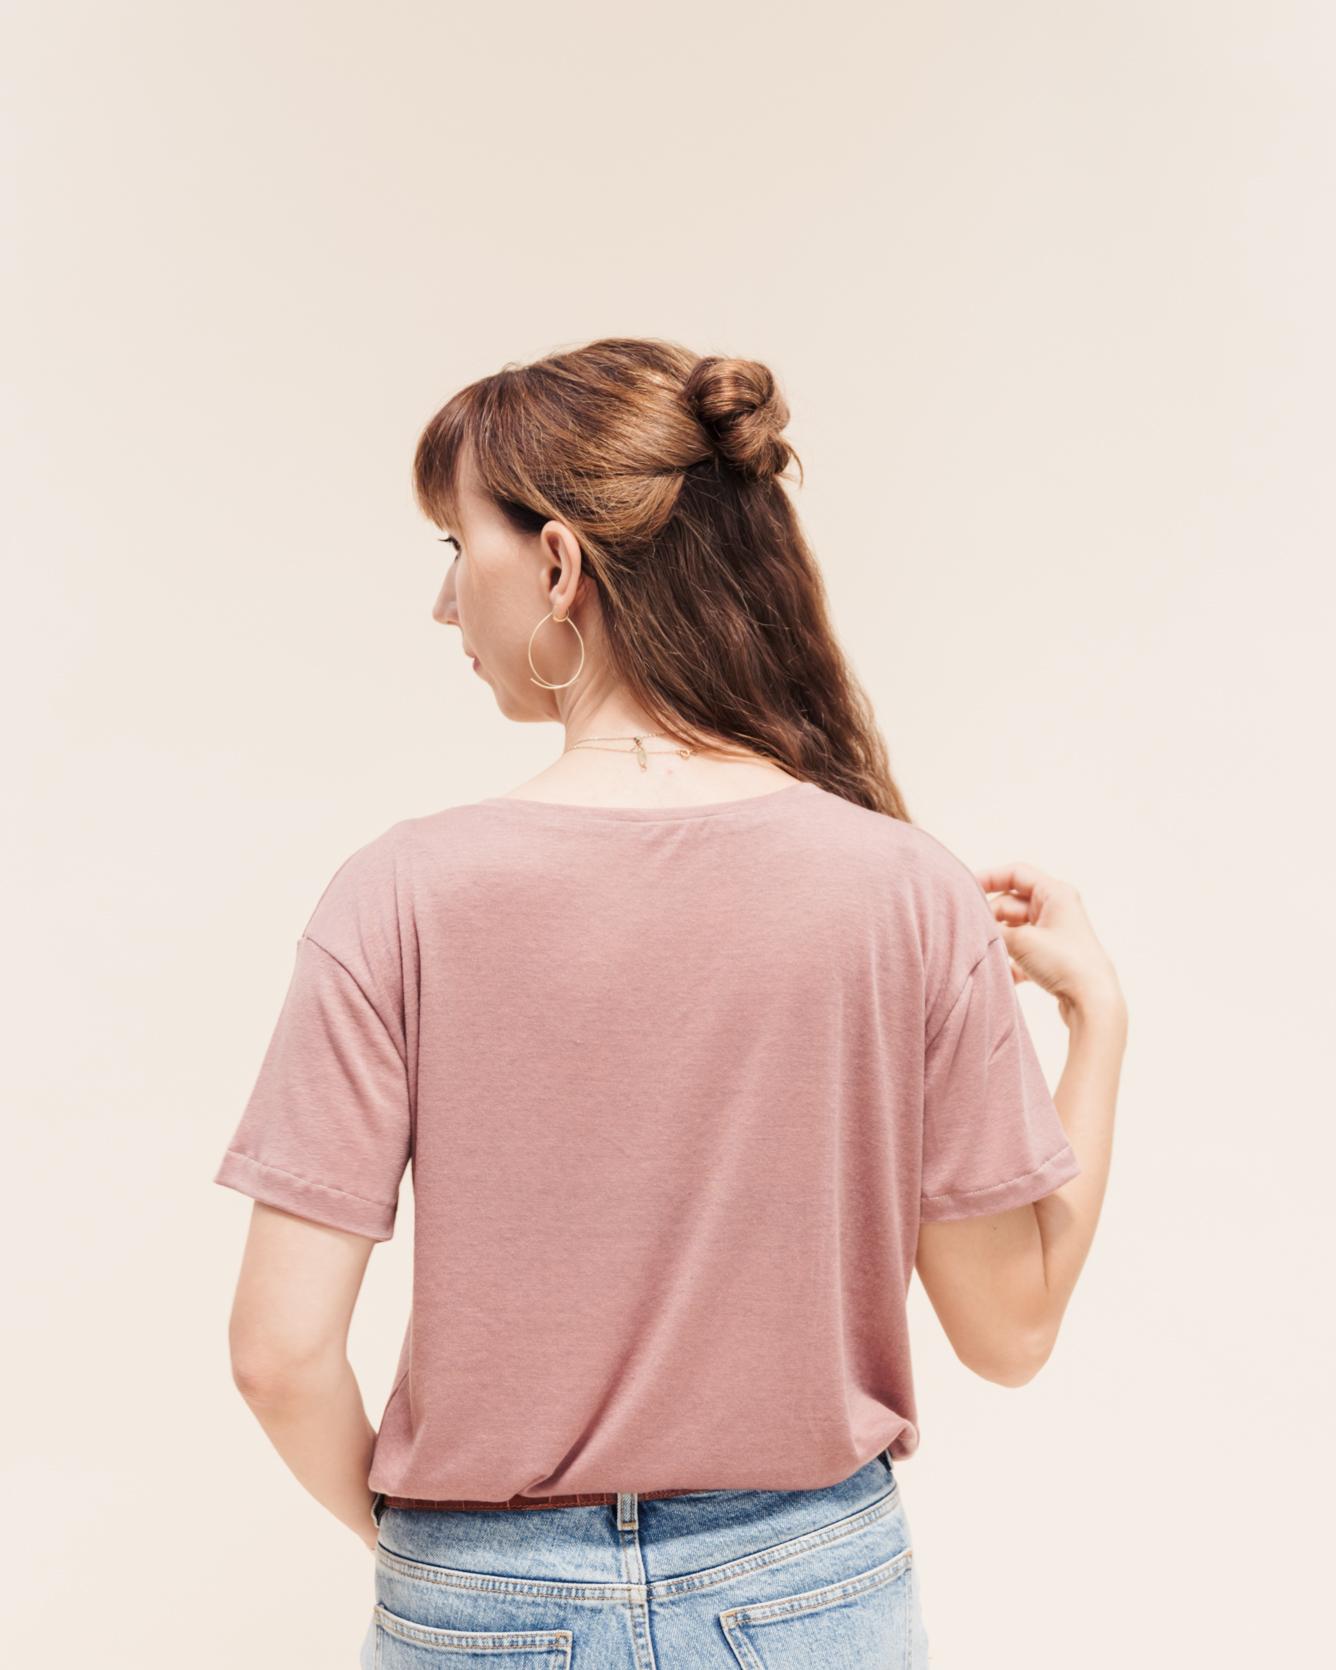 Tomboy T-Shirt Rückenansicht.